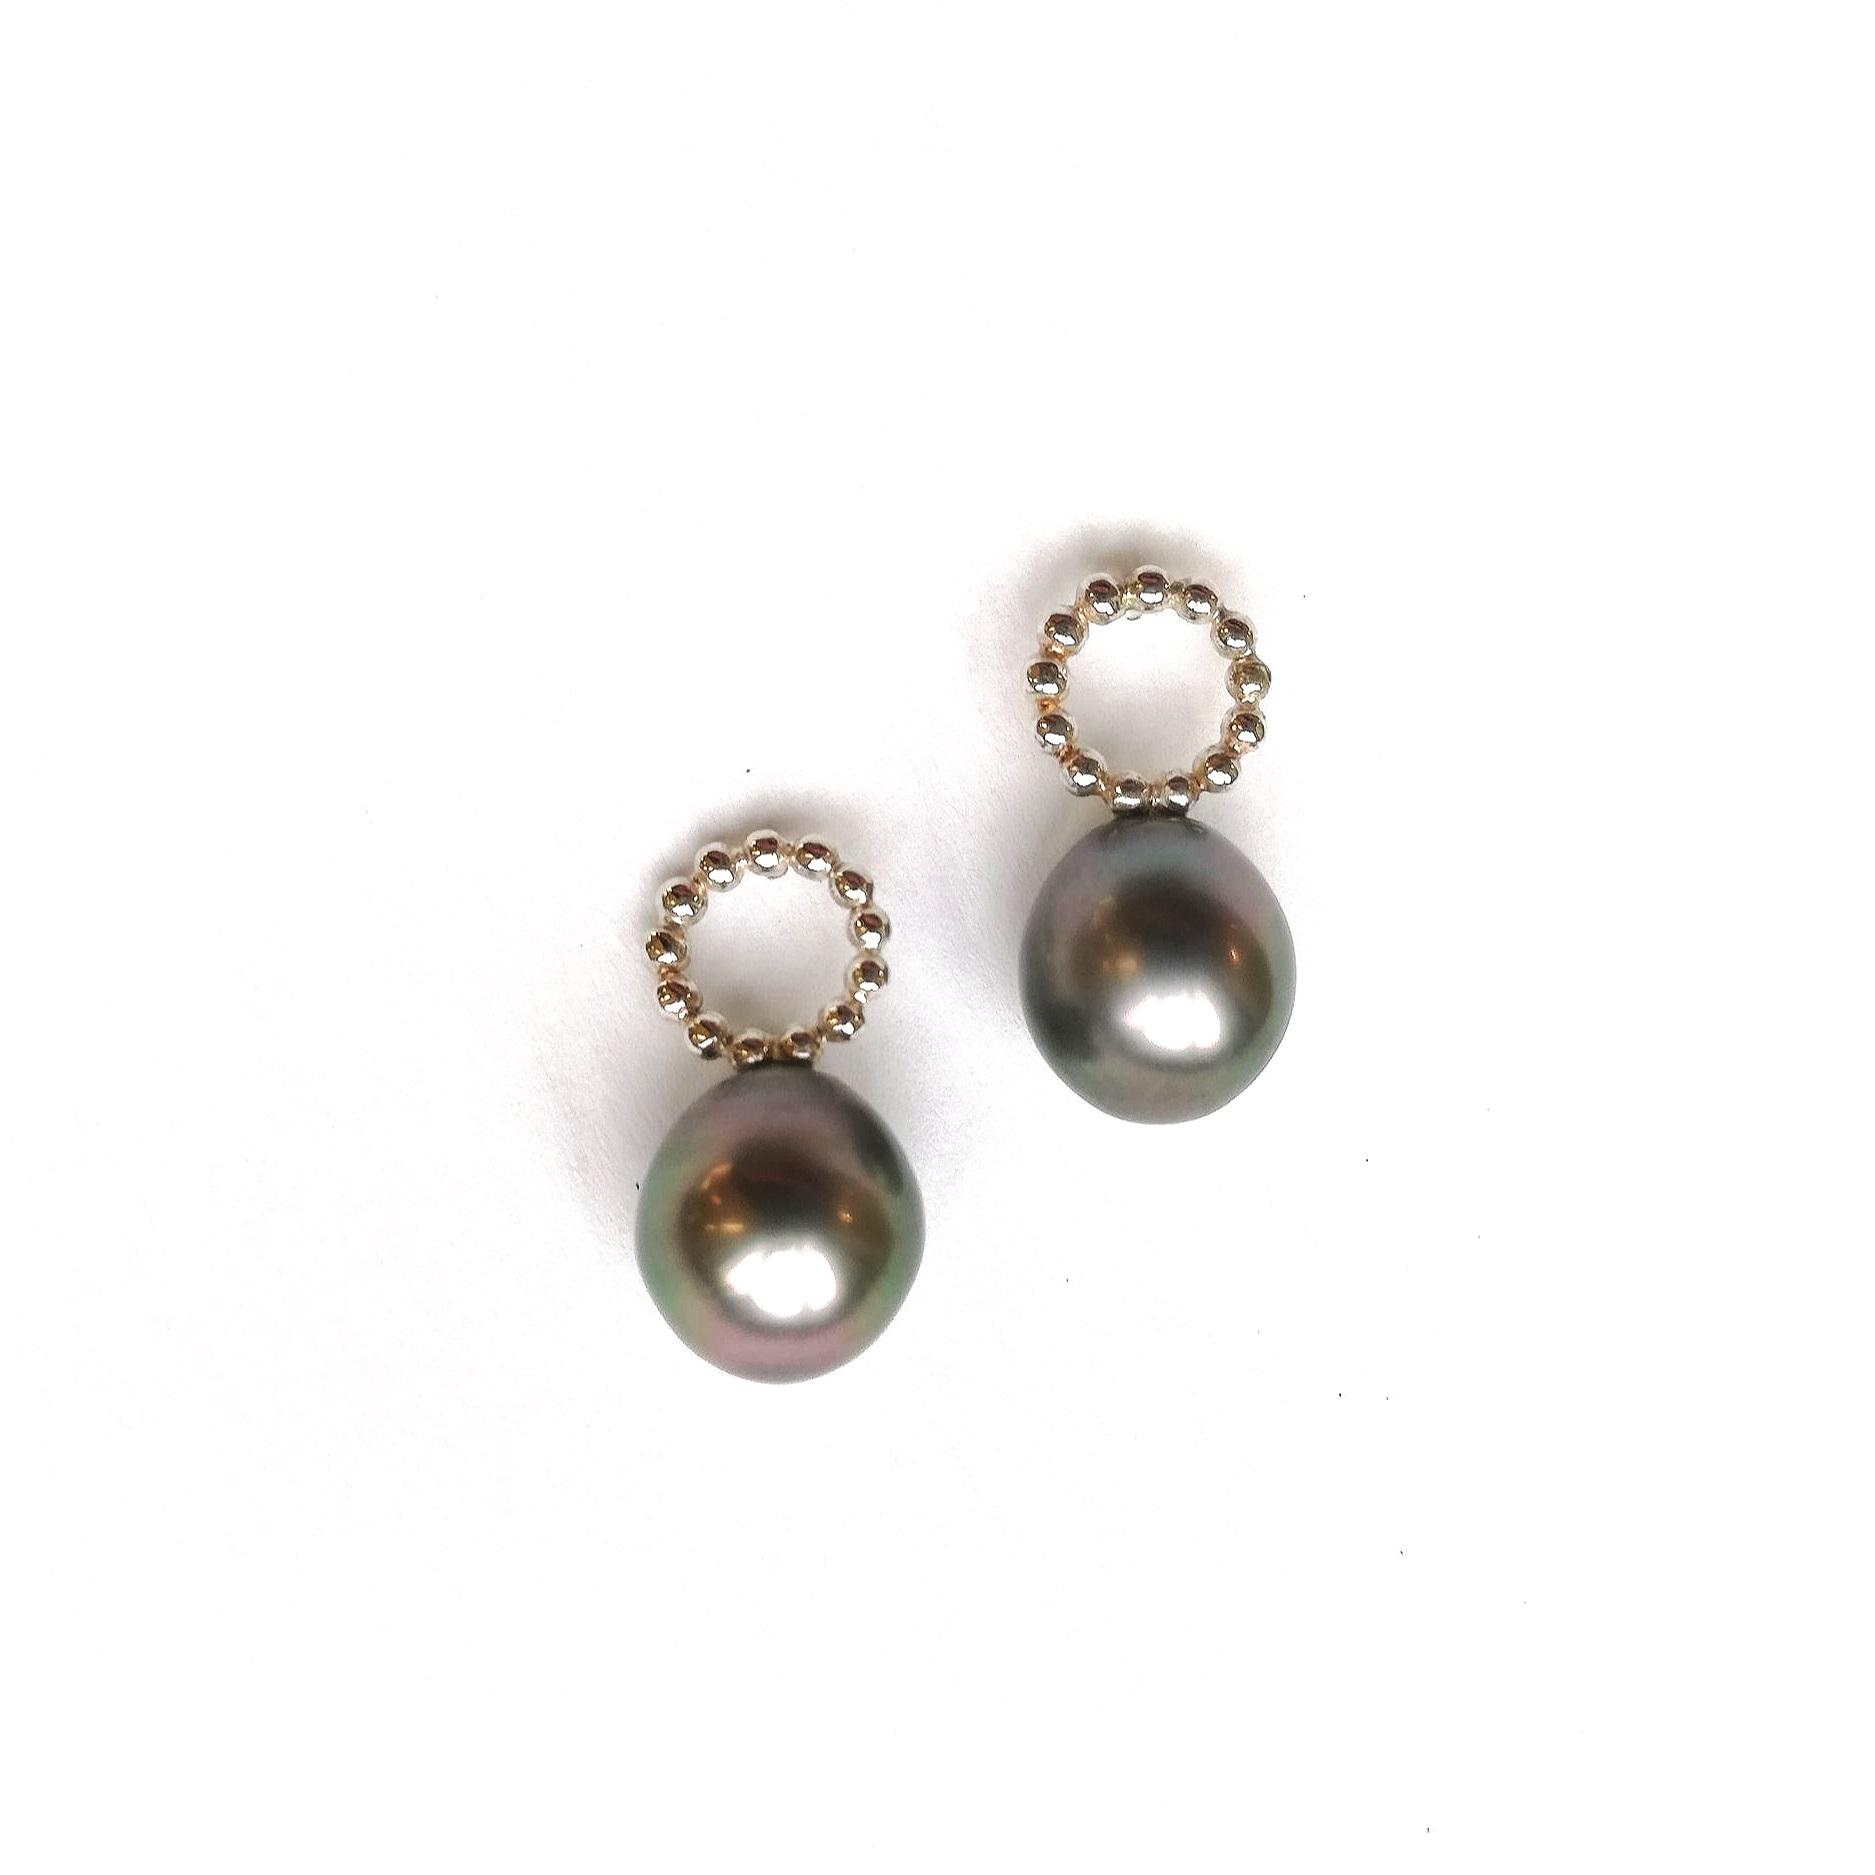 Ohrschmuck No.3 - Tahitiperlen / Silber 925 / Fr. 265.00auch mit anderen Perlen erhältlich, Preise variierend